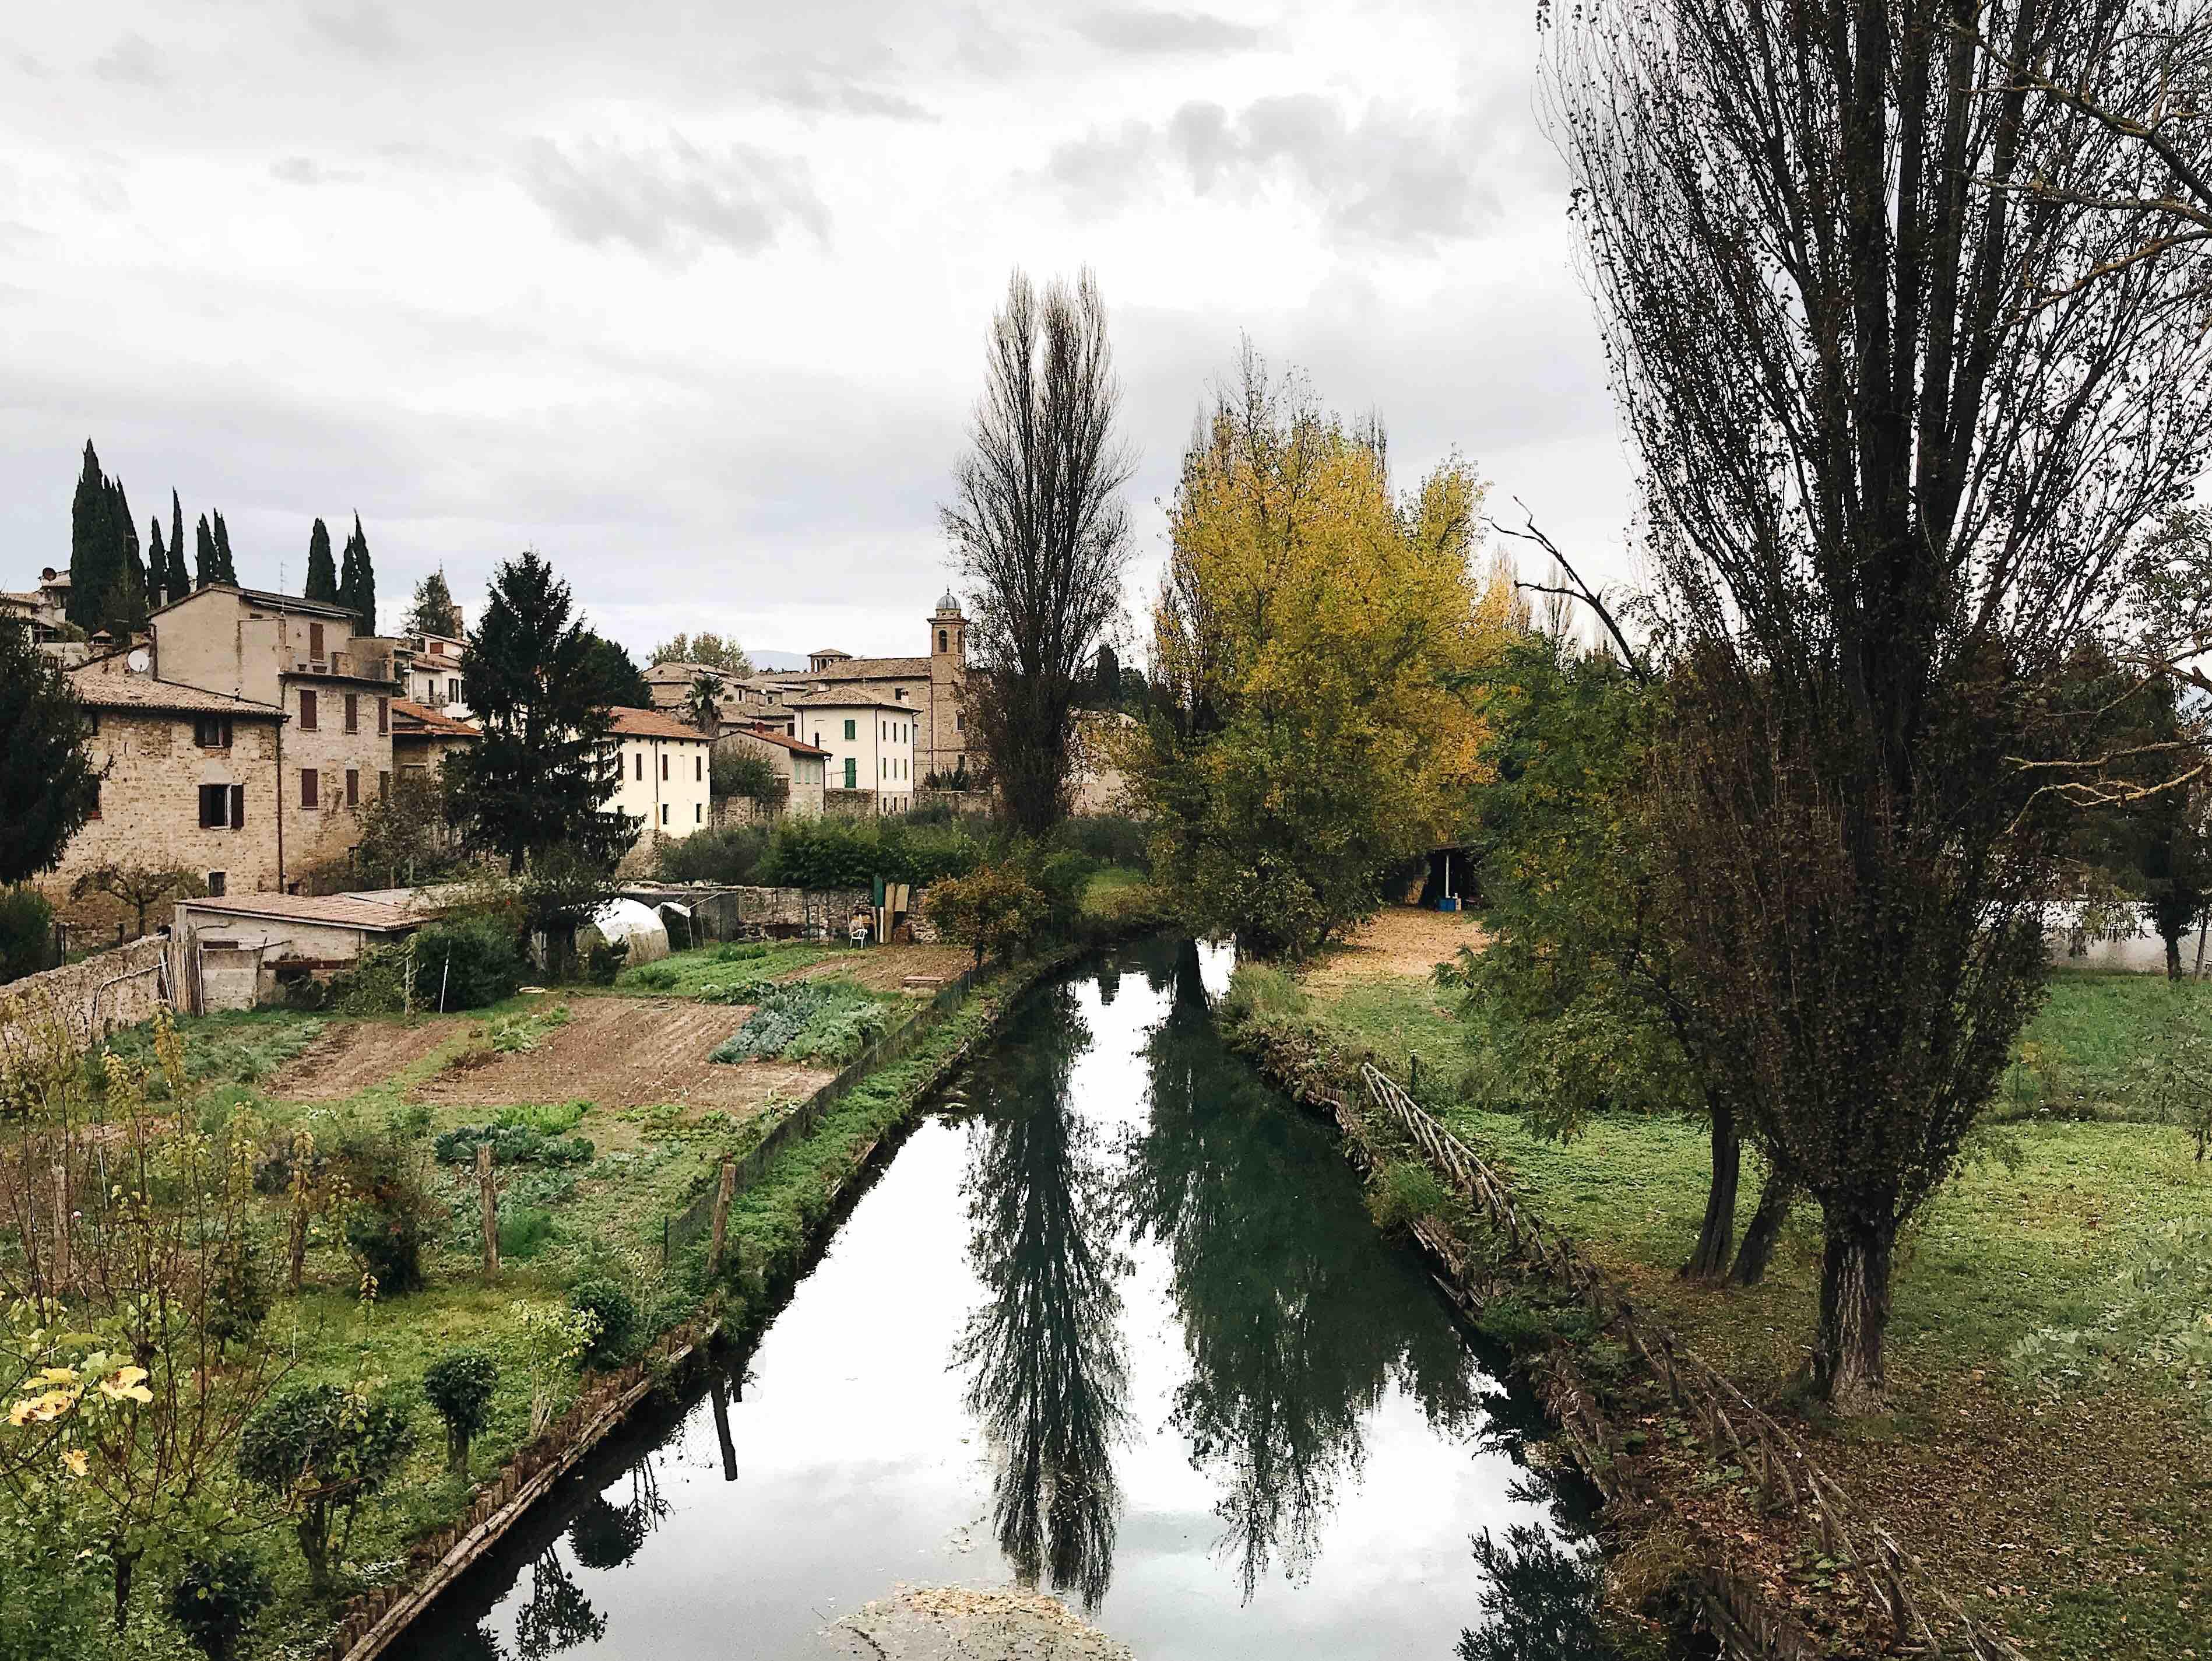 I borghi dell'Umbria: porta d'entrata a Bevagna